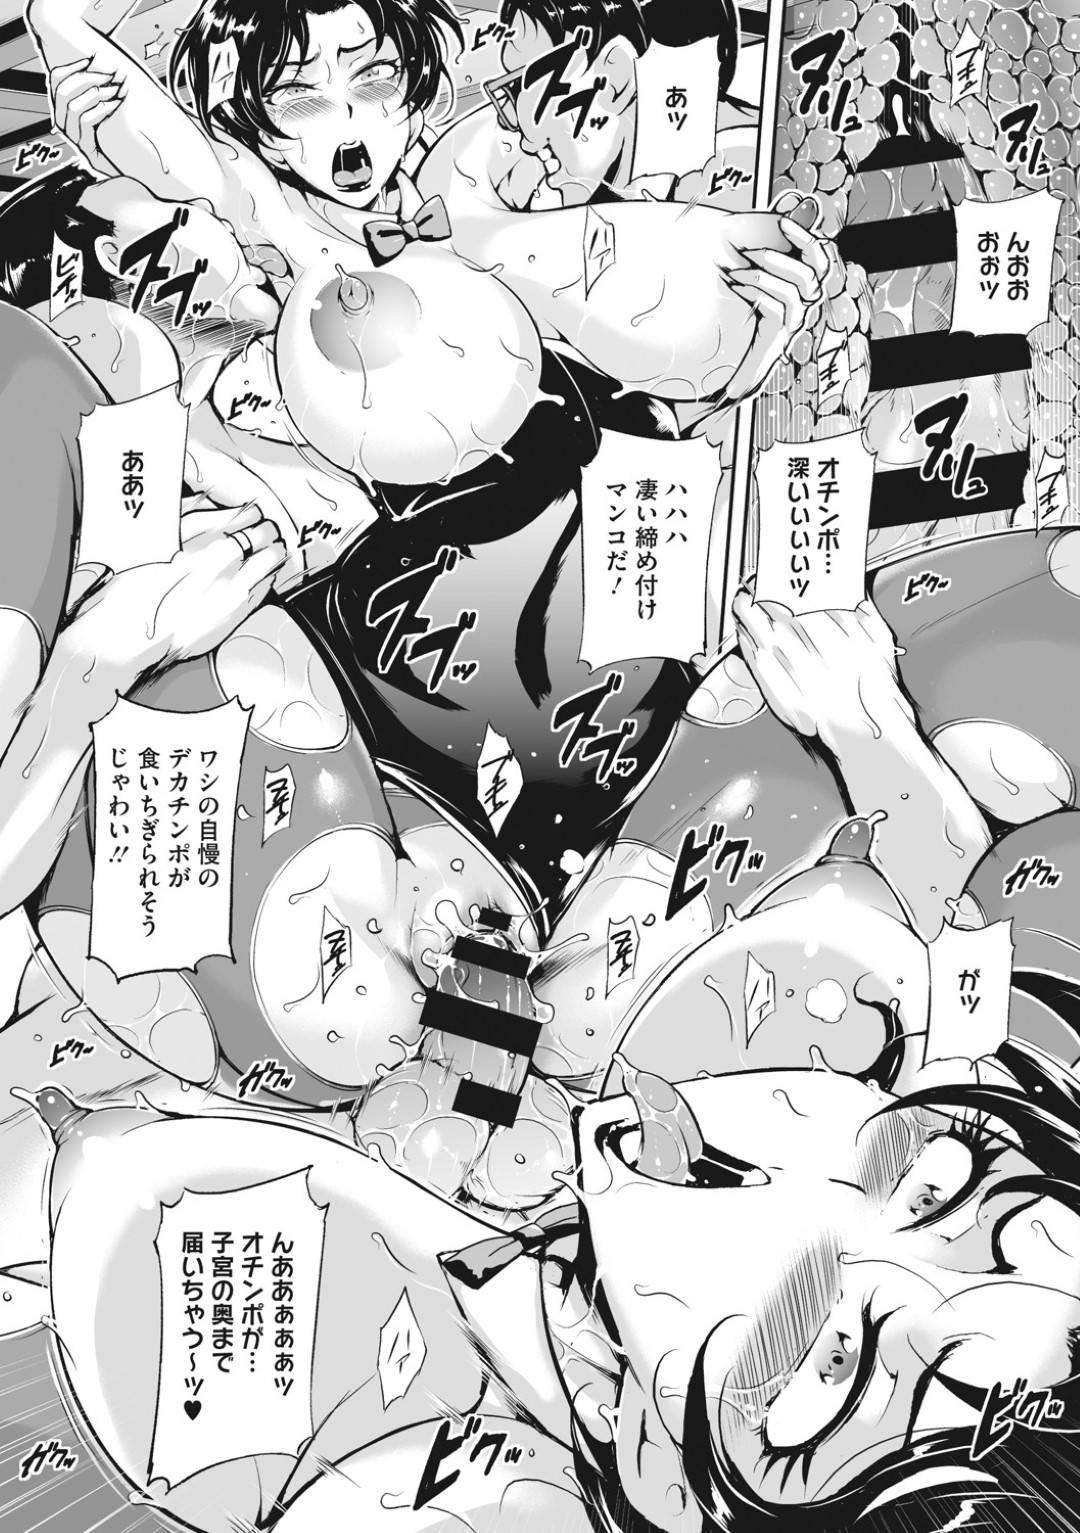 エロコスチュームで性奉仕するハメになった人妻…集団レイプでディープキスしたり中出しセックスで快楽堕ちしちゃう!【ビッチ☆ゴイゴスター:ママの性行体験♡】